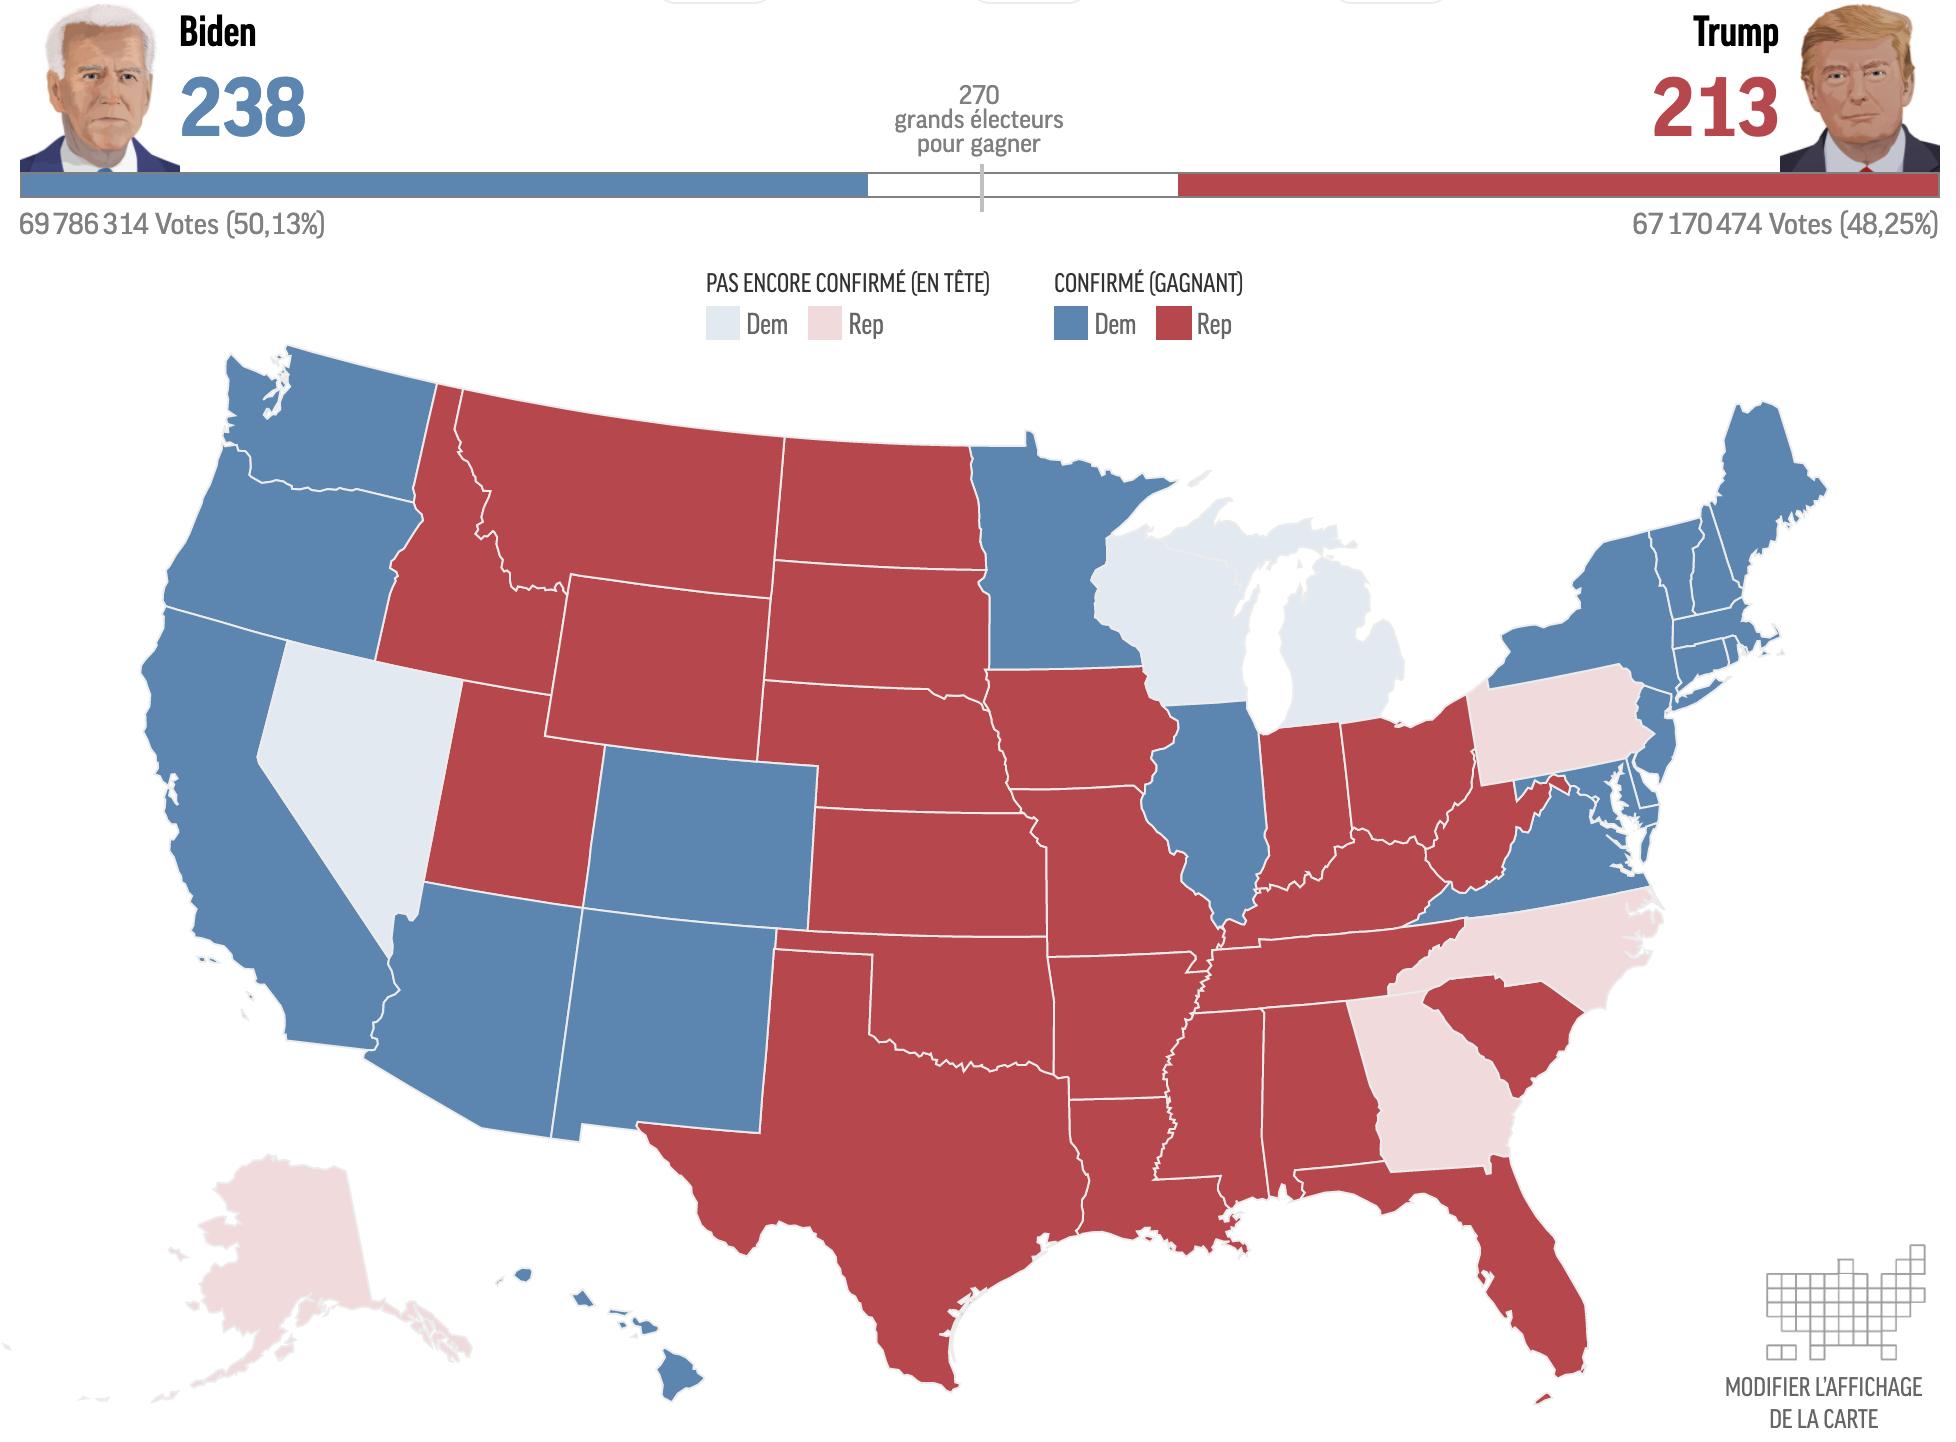 États-Unis - élections 2020 (résultats préliminaires le 4 novembre)